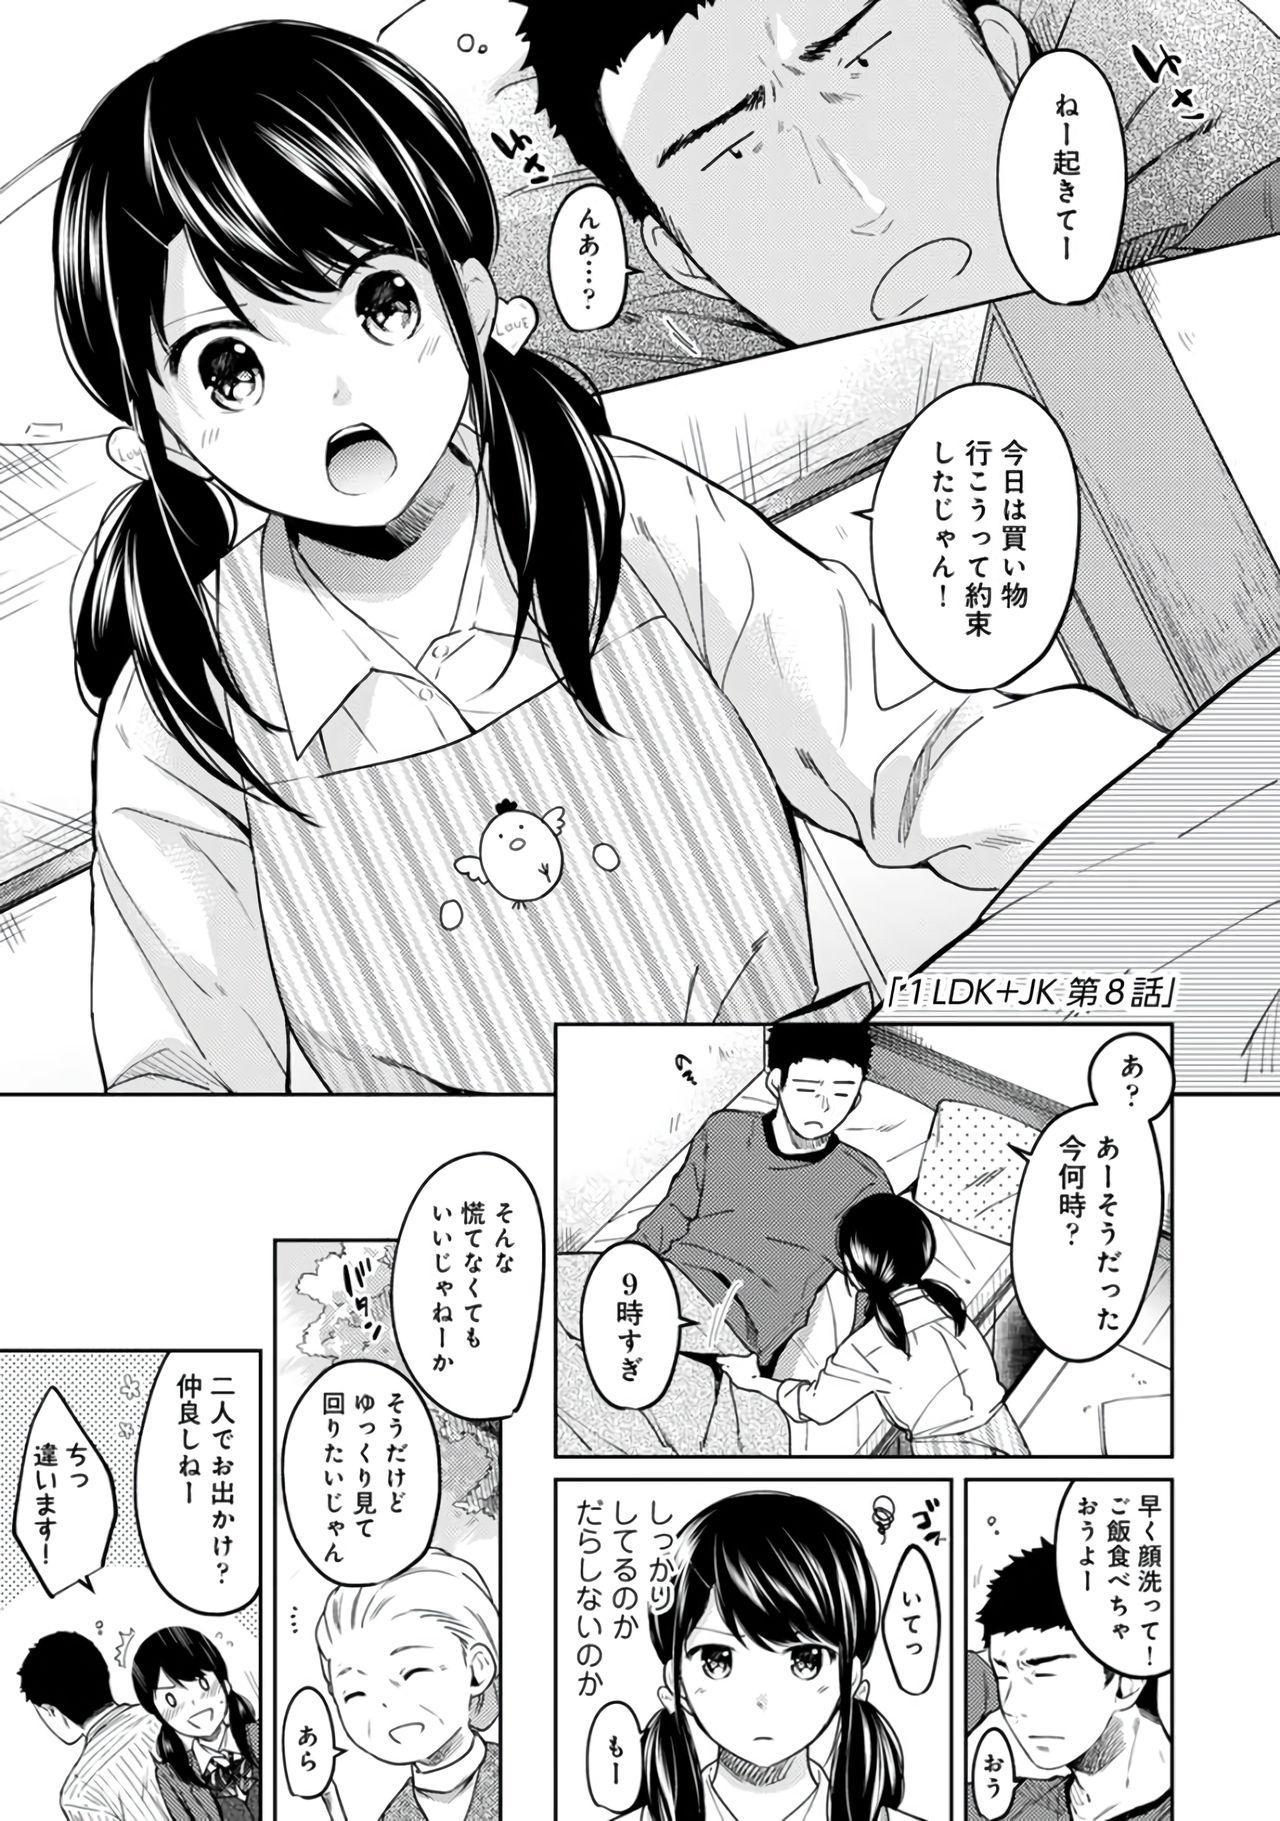 1LDK+JK Ikinari Doukyo? Micchaku!? Hatsu Ecchi!!? Vol.2 4